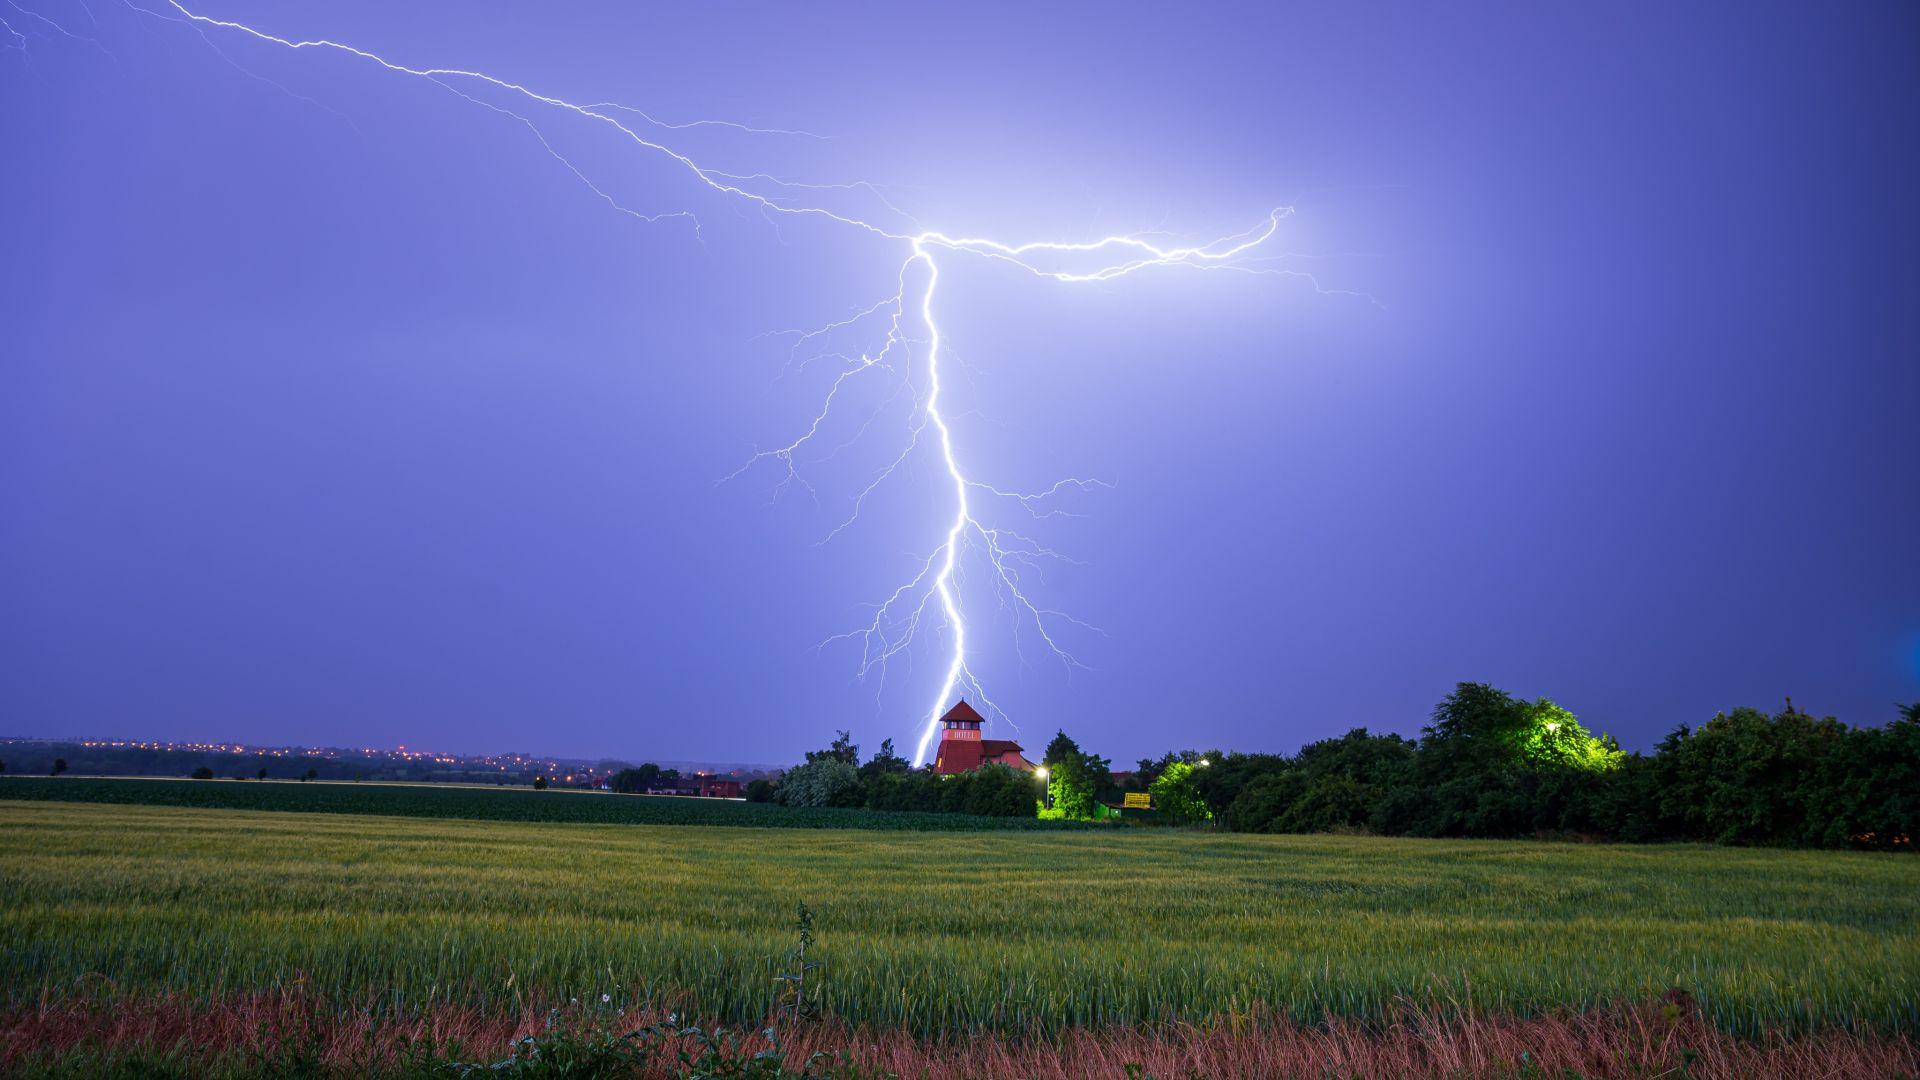 Гръмотевична буря остави без ток и транспорт над 100 000 домакинства в Чехия (видео)